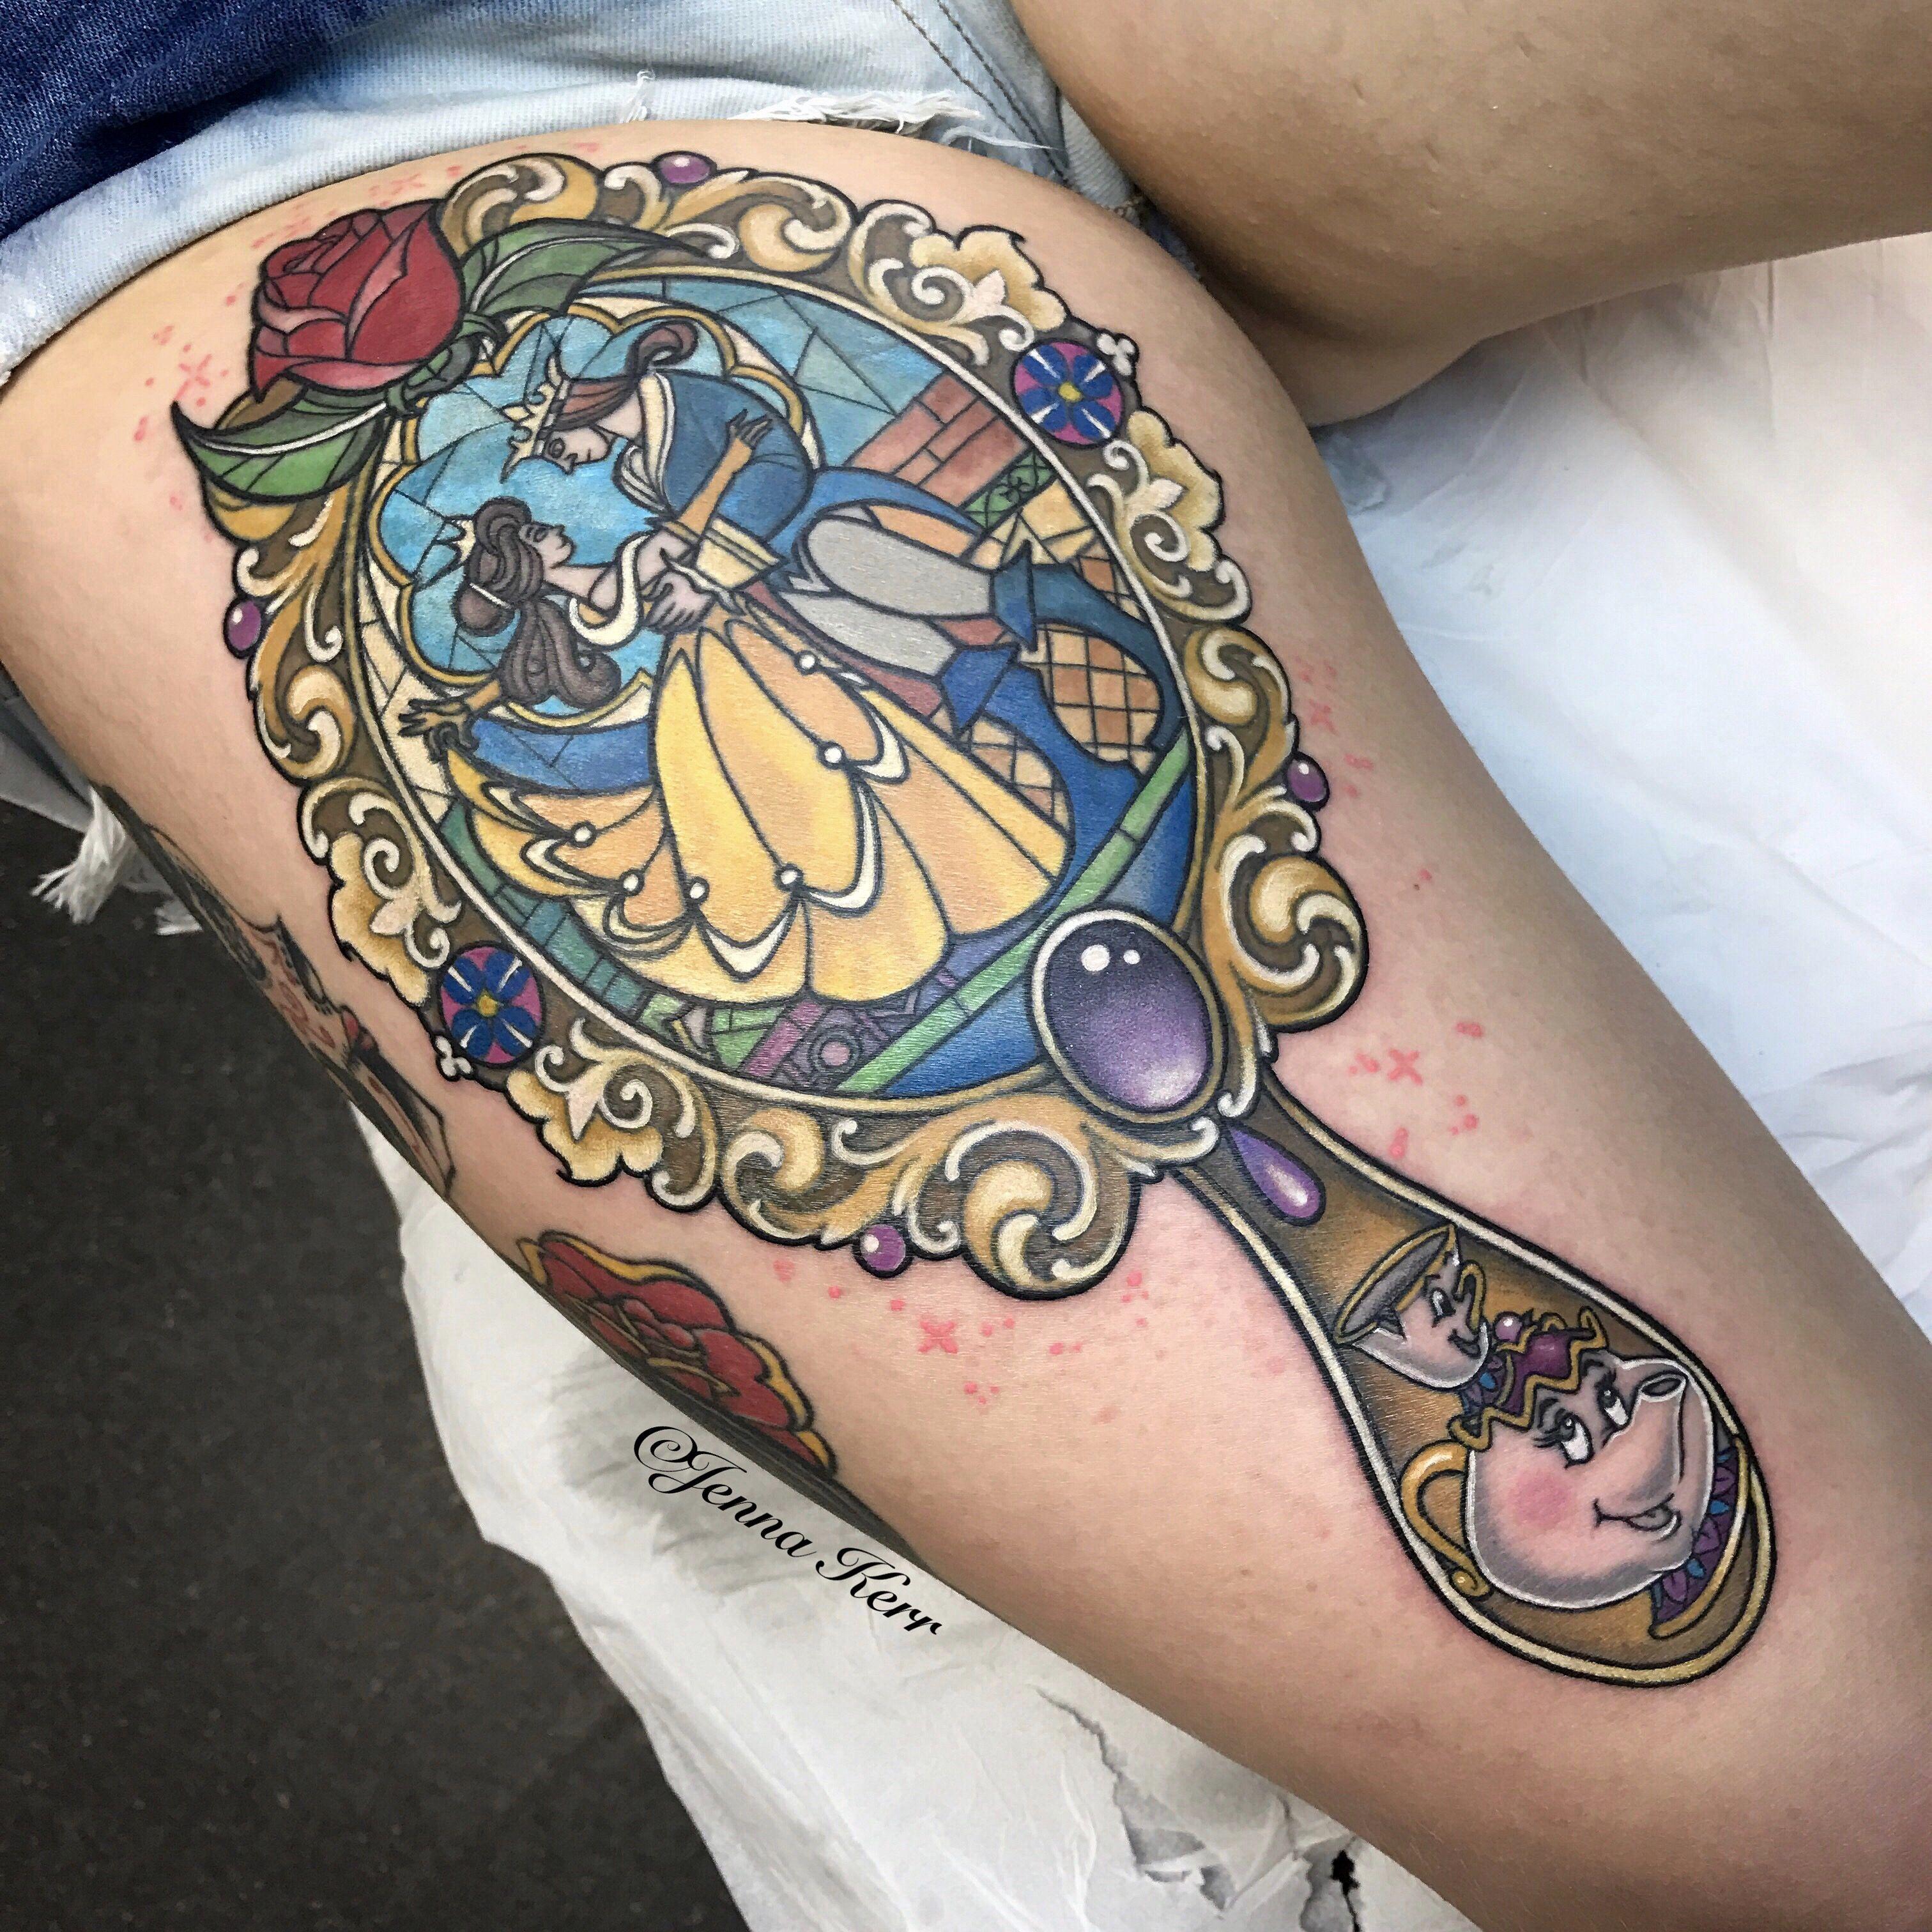 #disney #tattoo #beautyandthebeast #jennakerr